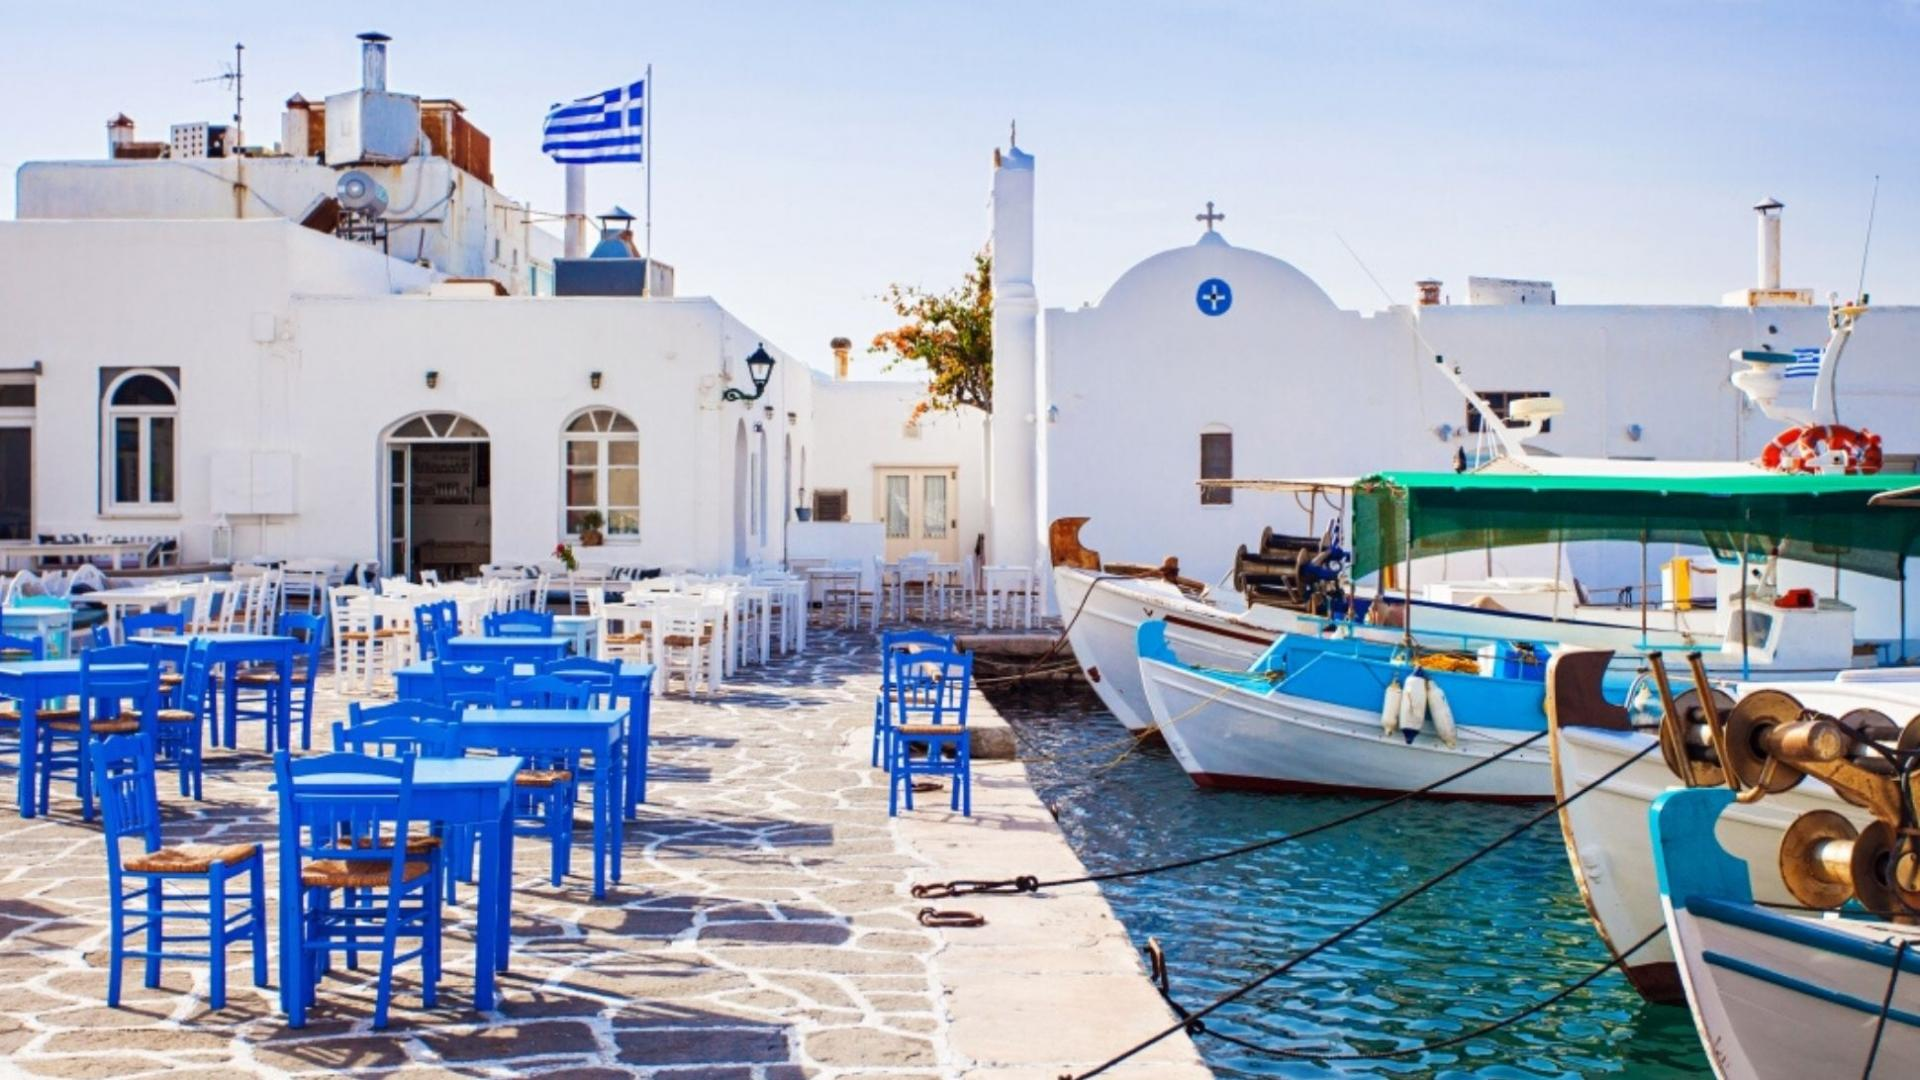 Graikiškoje spalvų paletėje susipina baltos ir mėlynos atspalviai